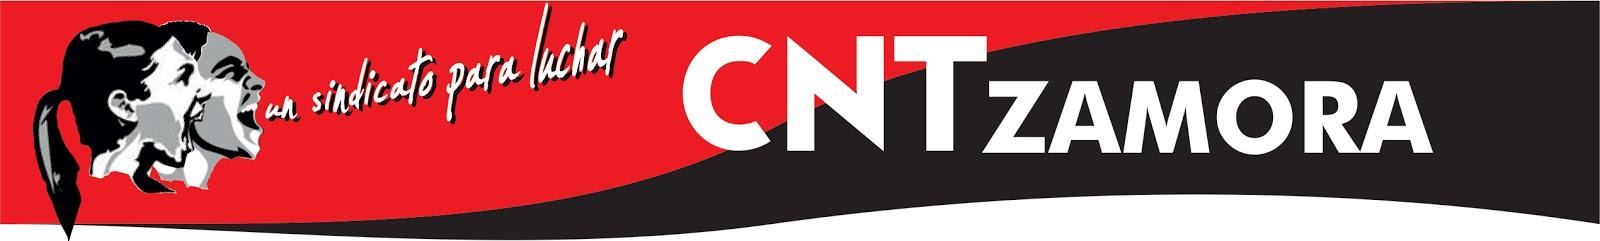 Sindicato de Oficios Varios de Zamora (CNT-AIT)